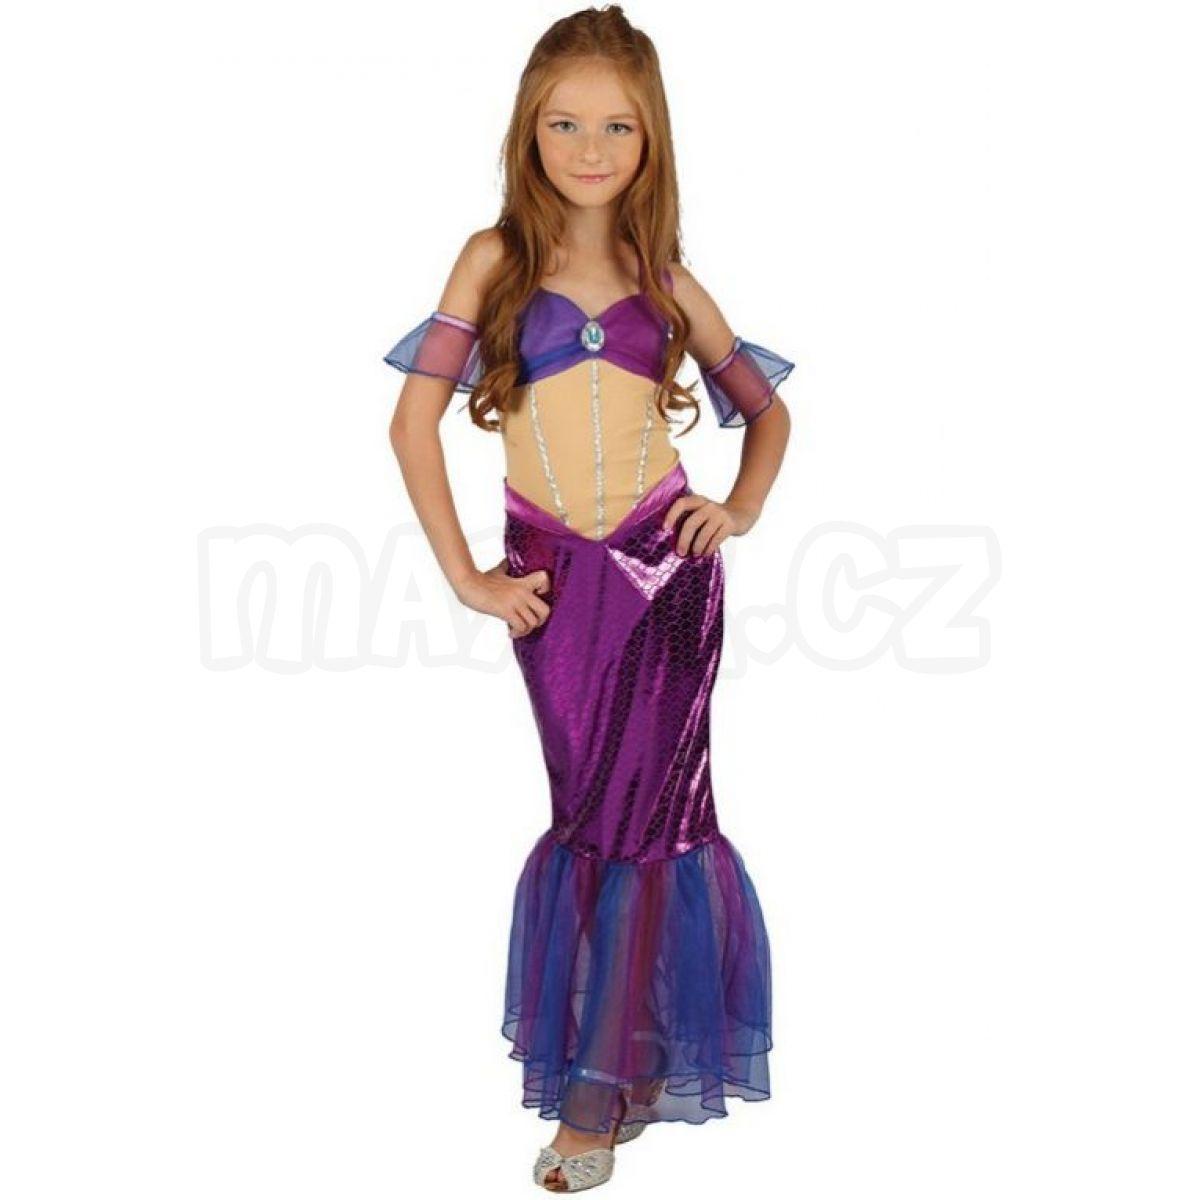 e083a79447dd Made Dětský kostým Mořská panna fialová 120-130cm